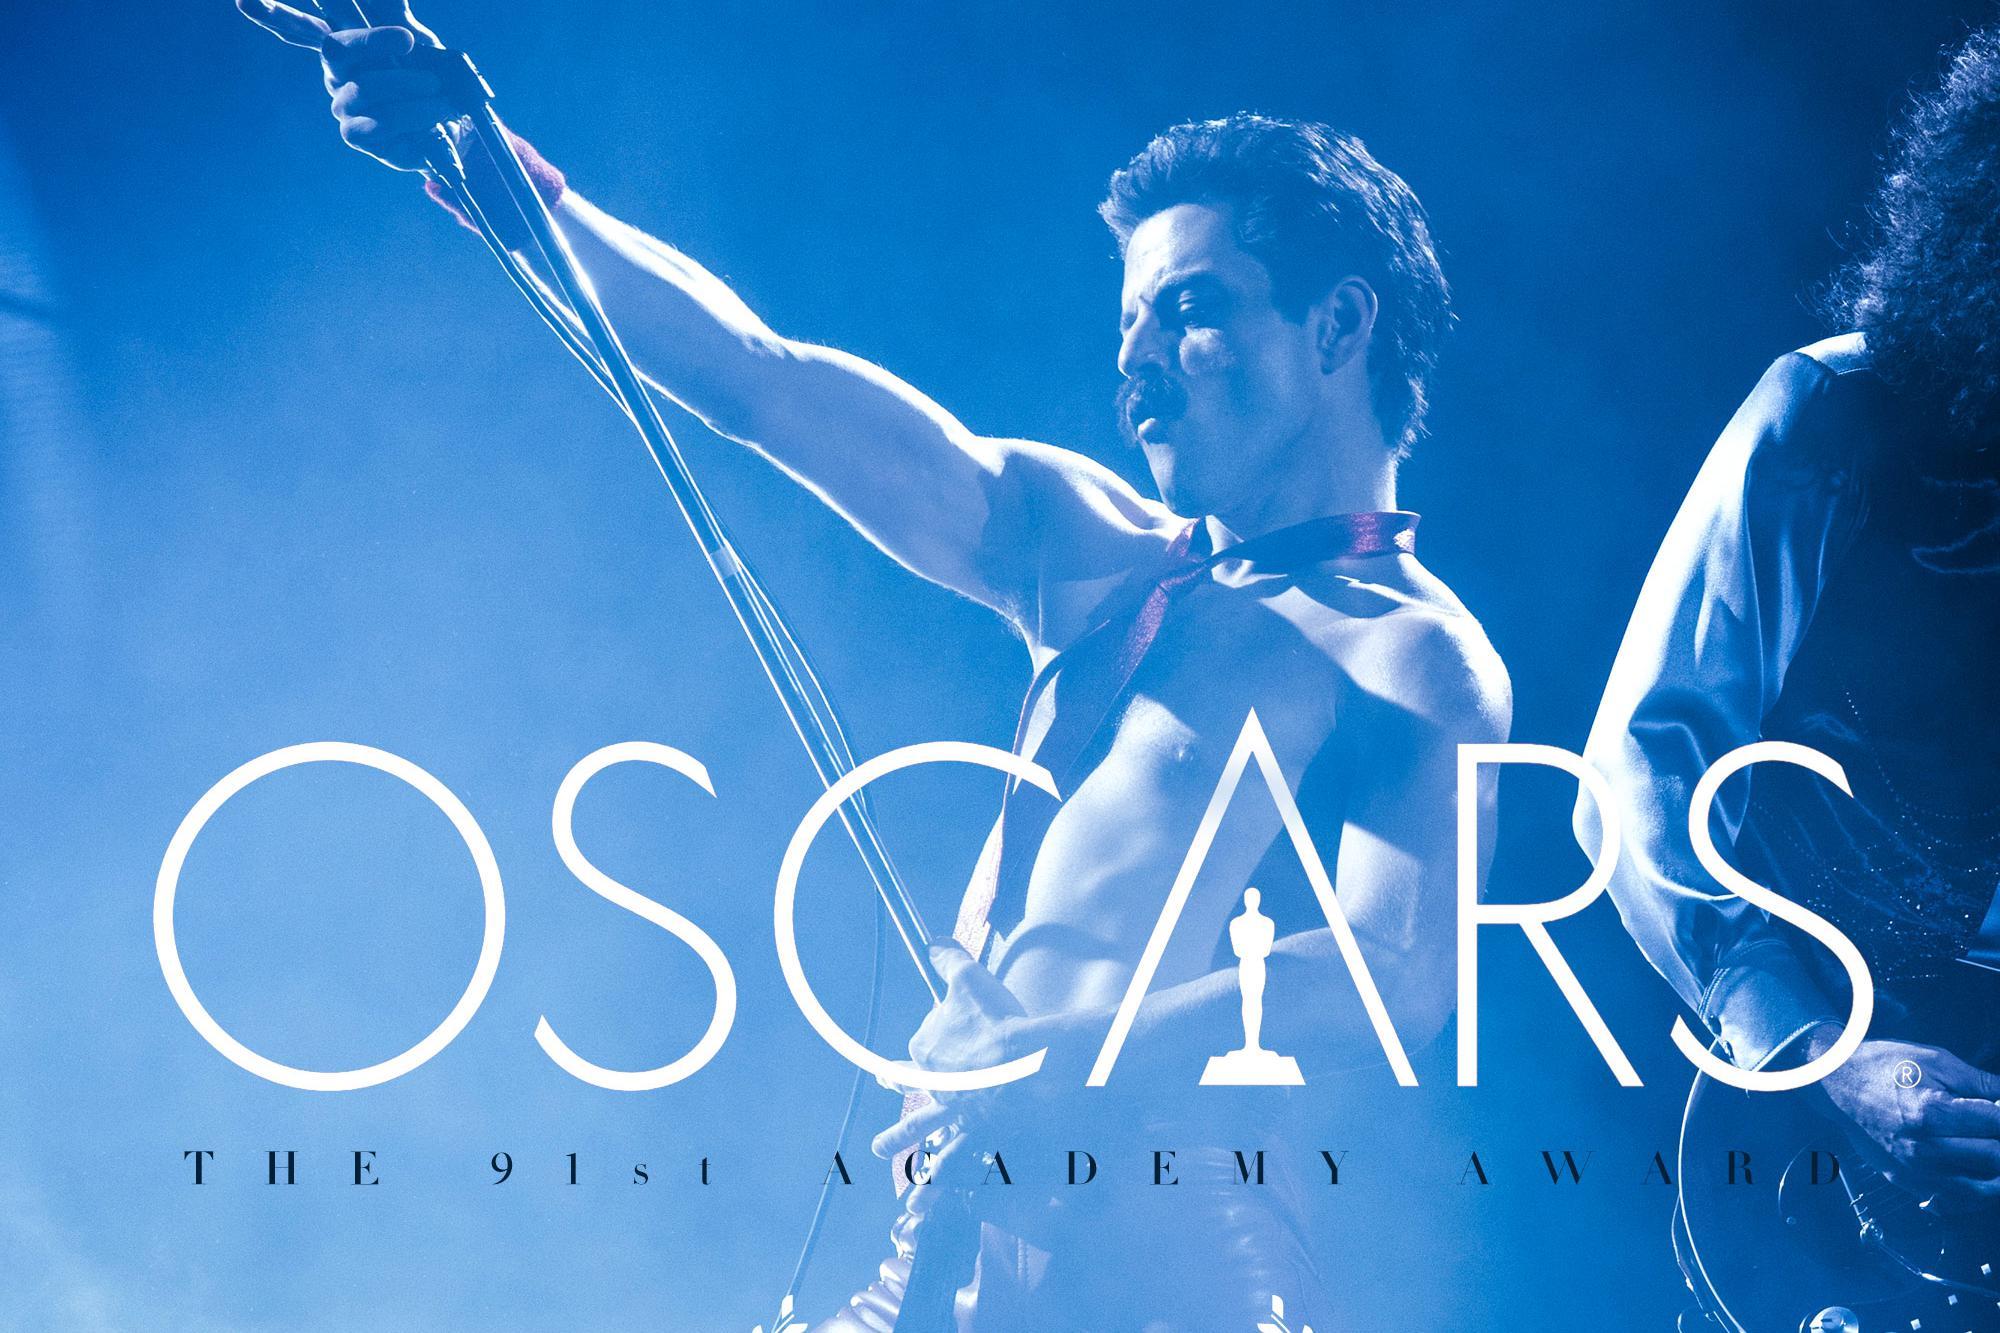 《波西米亚狂想曲》获奥斯卡4项大奖,皇后乐队颁奖典礼燃爆现场